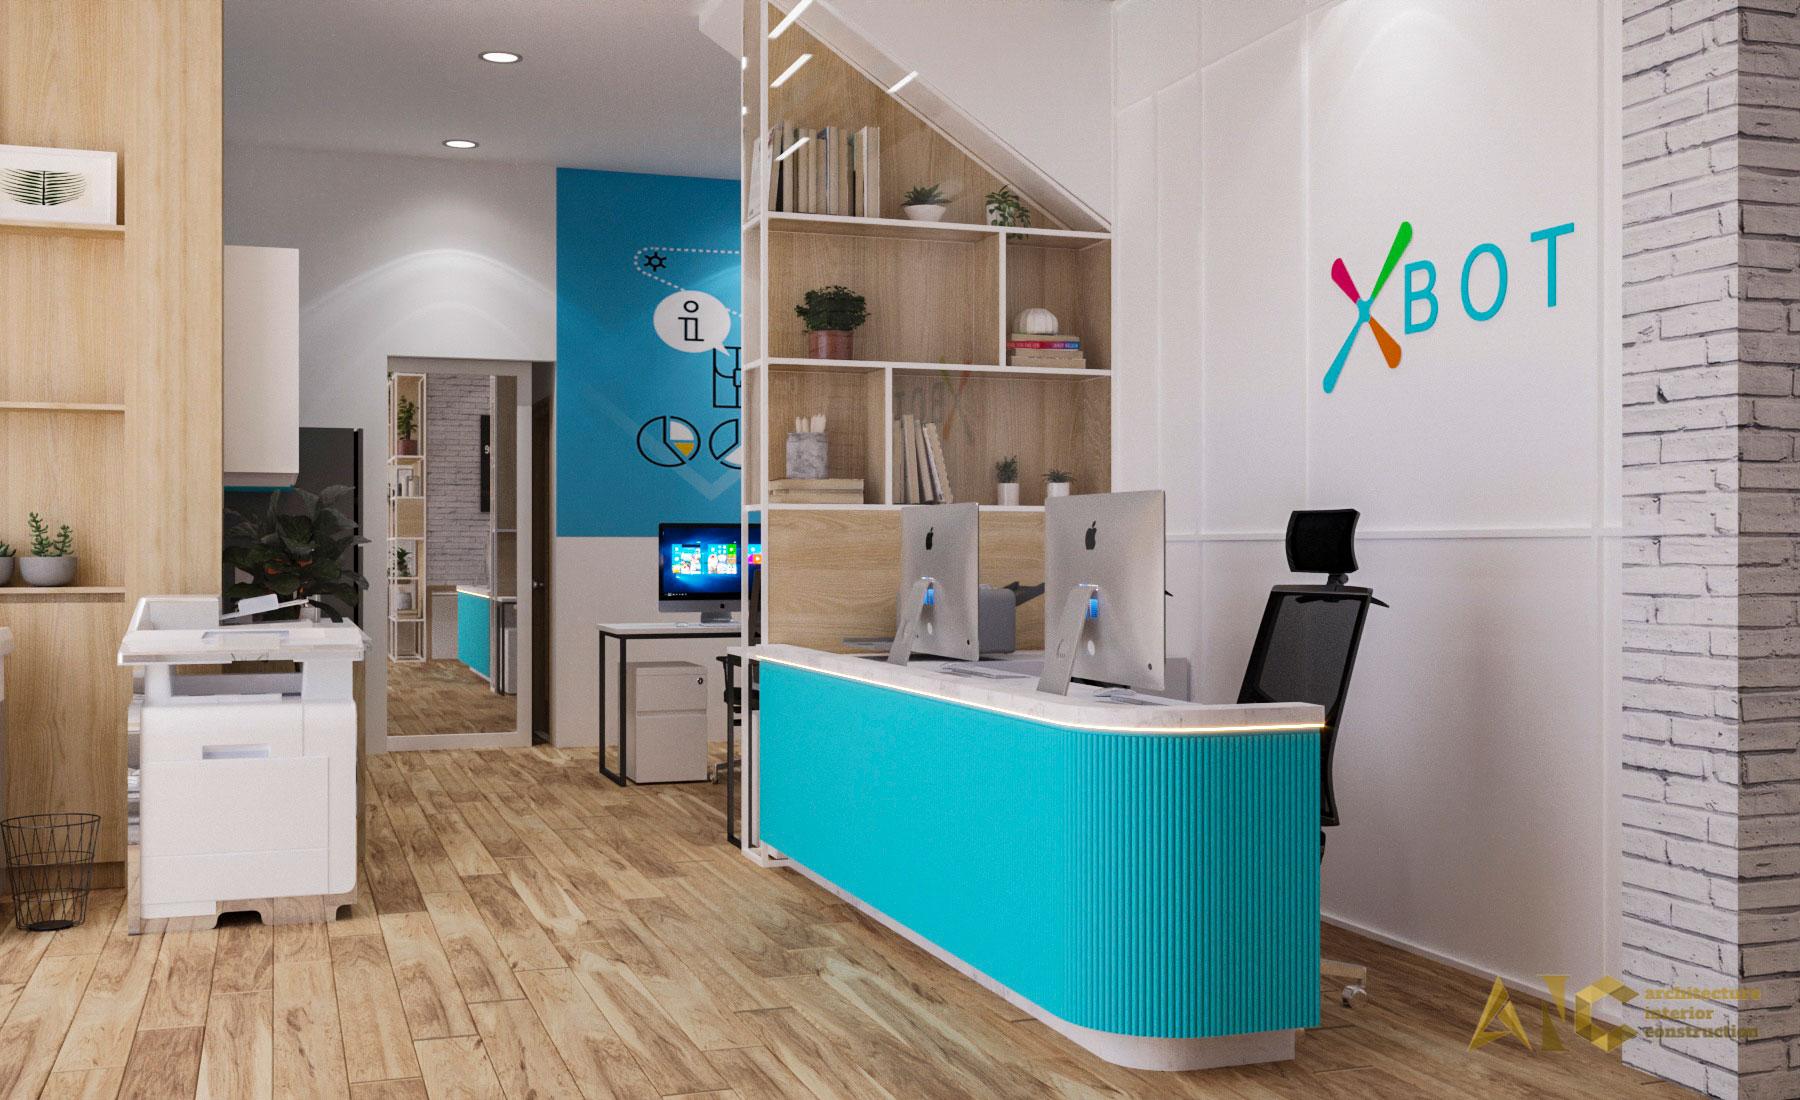 thiết kế thi công nội thất văn phòng Xbot - view 4